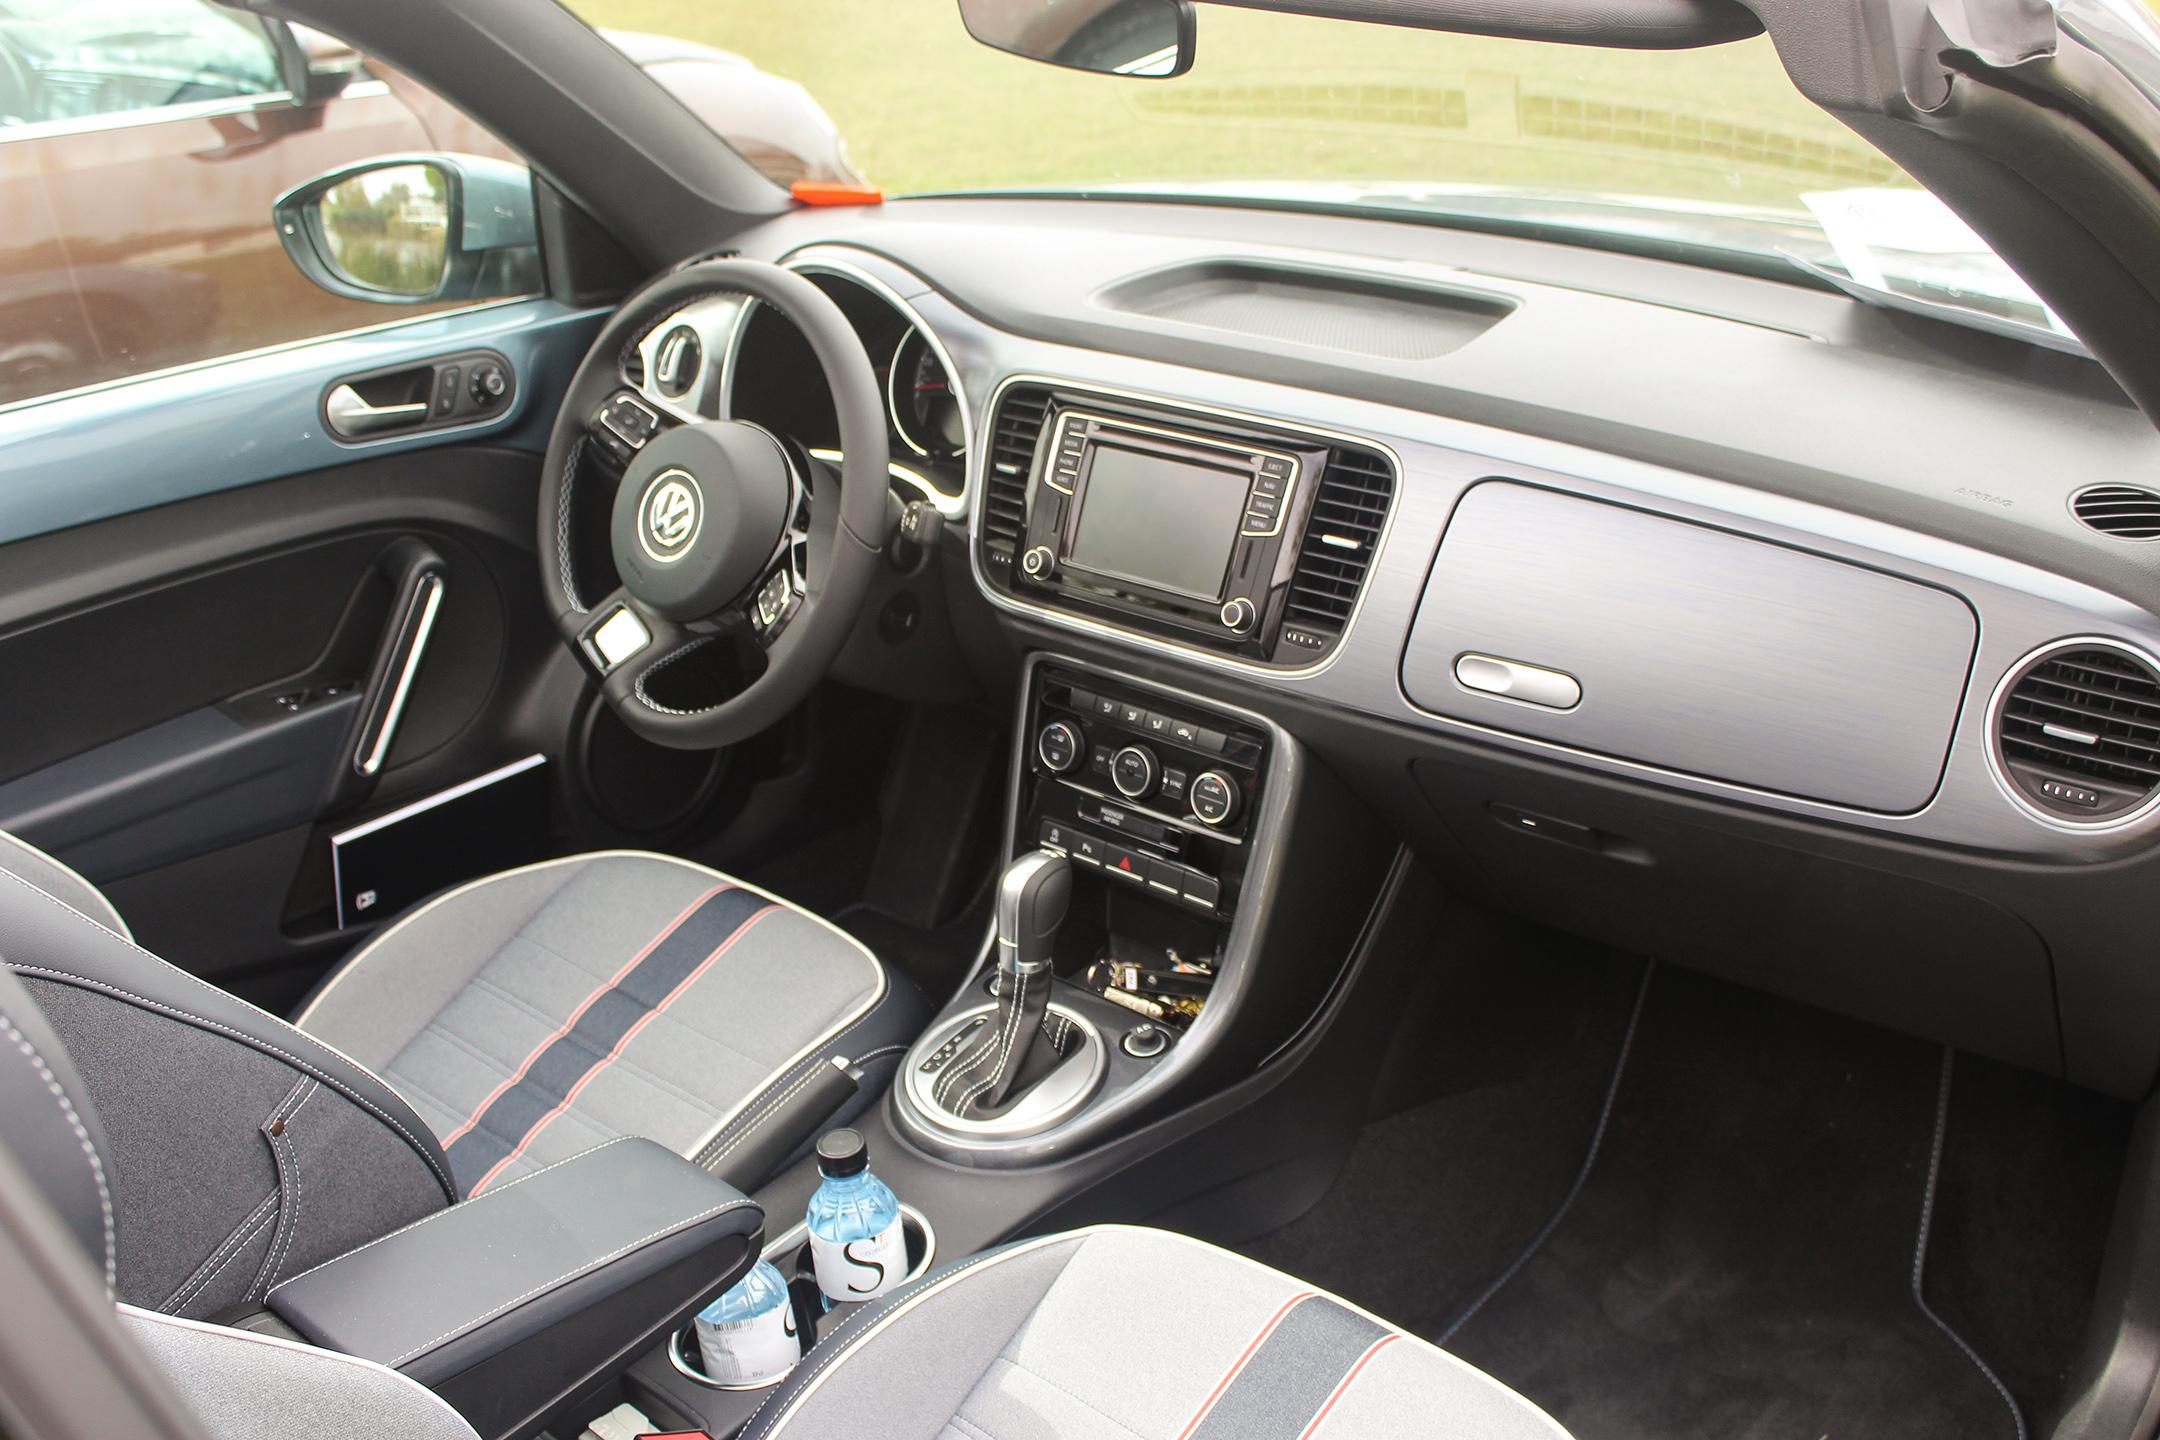 vwcox15-volkswagen-coccinelle-denim-cabriolet-interieur-arnaud-demasier-rsphotographie